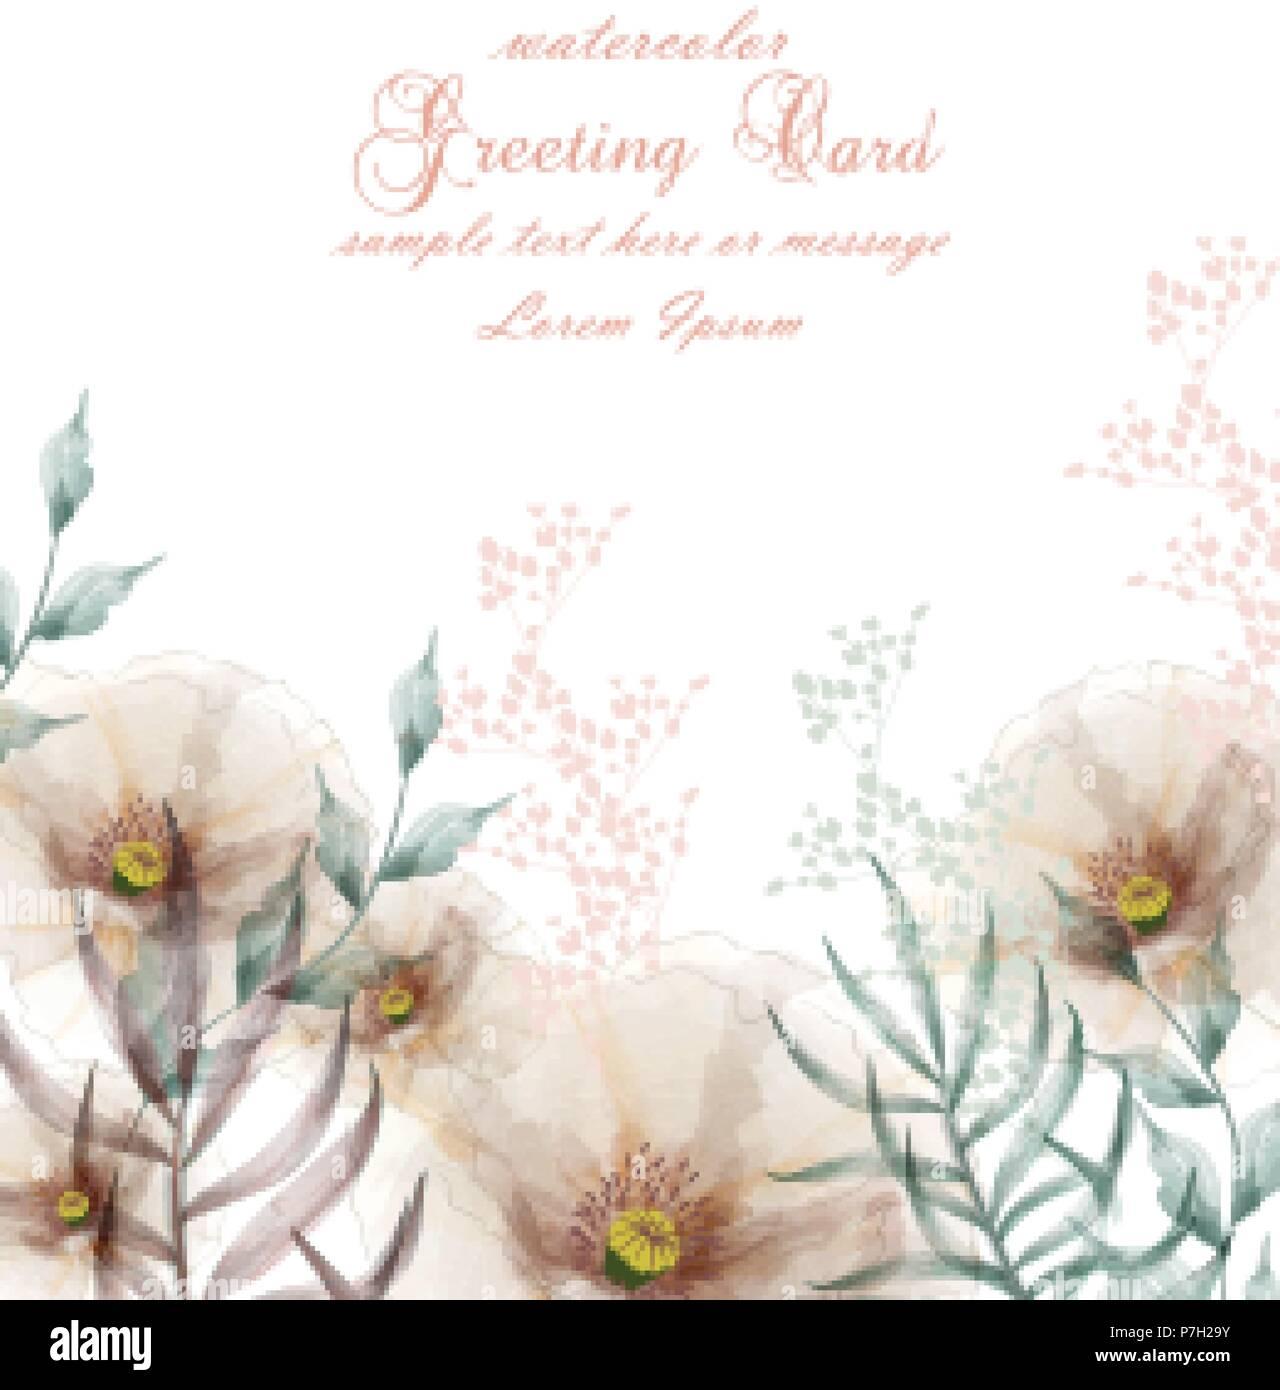 Aquarell Blumen Frame Blute Karte Vektor Vintage Blumen Hochzeit